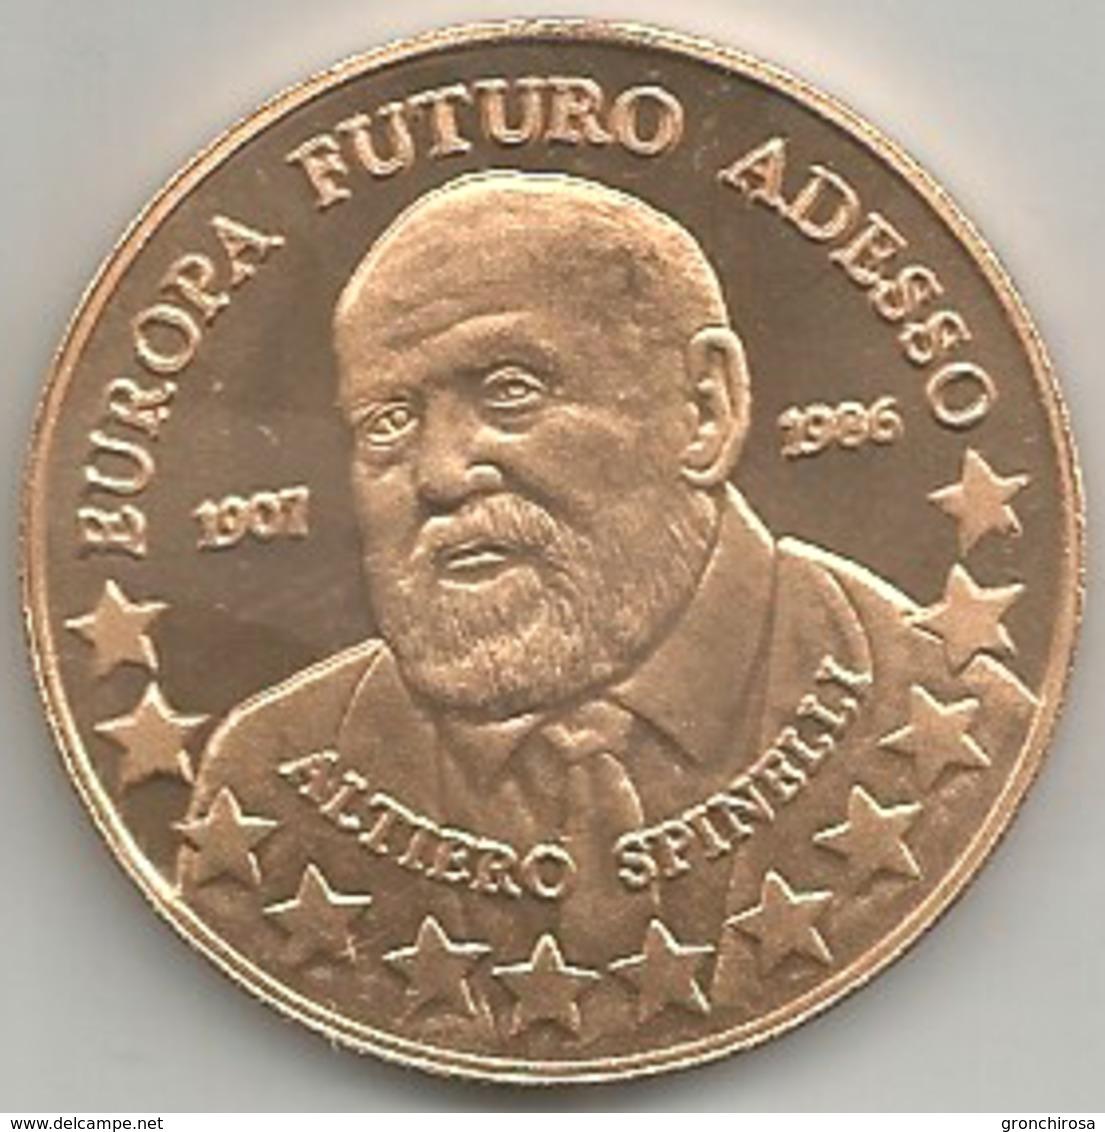 Reggio Emilia 2001, Festa Nazionale De L'Unità, Altiero Spinelli, Ae. FS. Gr. 15, Cm. 3,4. - Altri